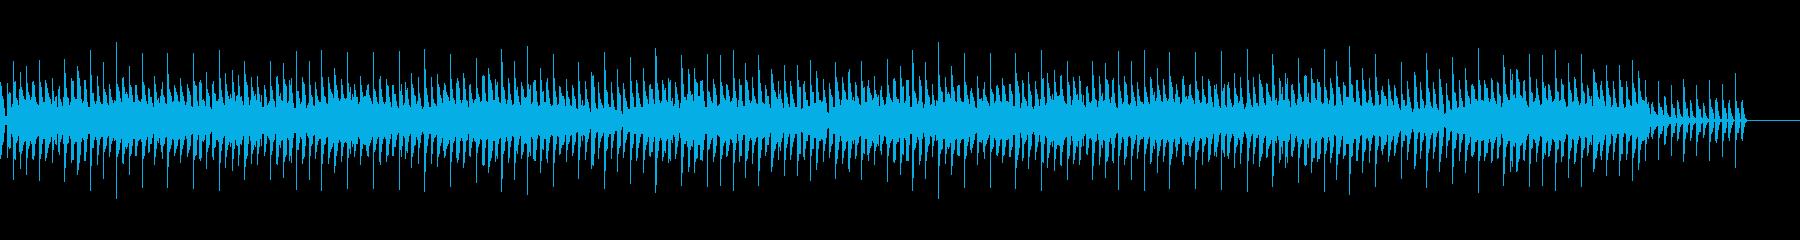 (1分)パズルゲーム4つ打ちテクノポップの再生済みの波形